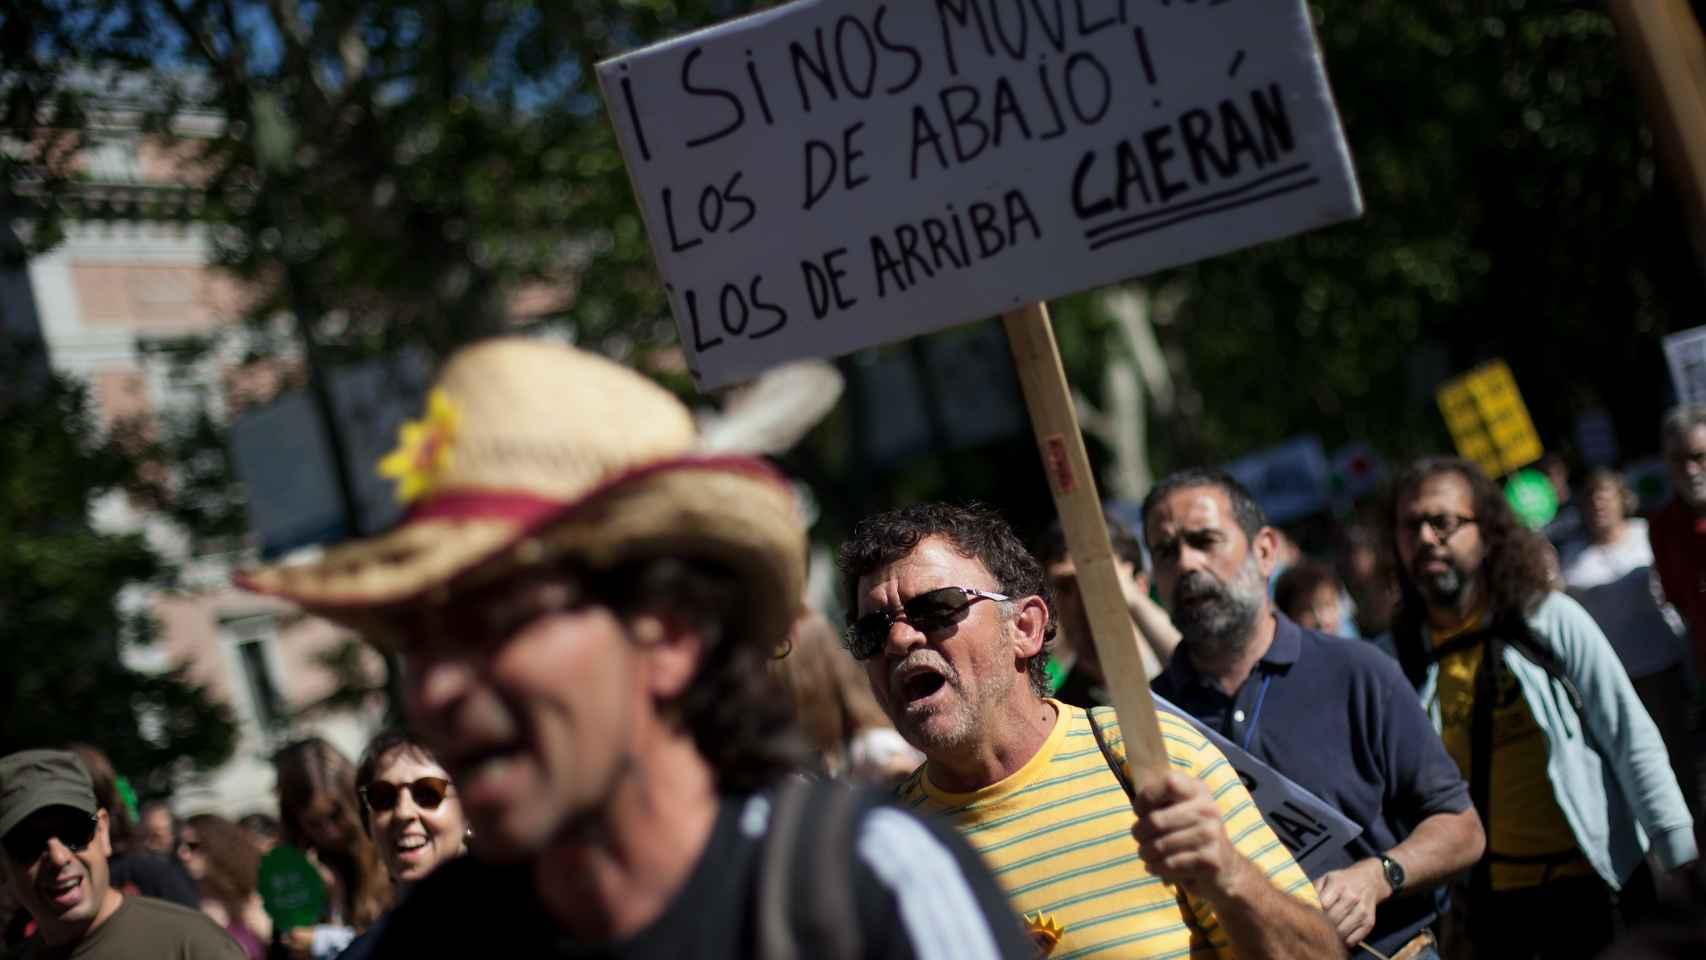 Marcha de Protesta en Sol en el segundo aniversario del 15M.